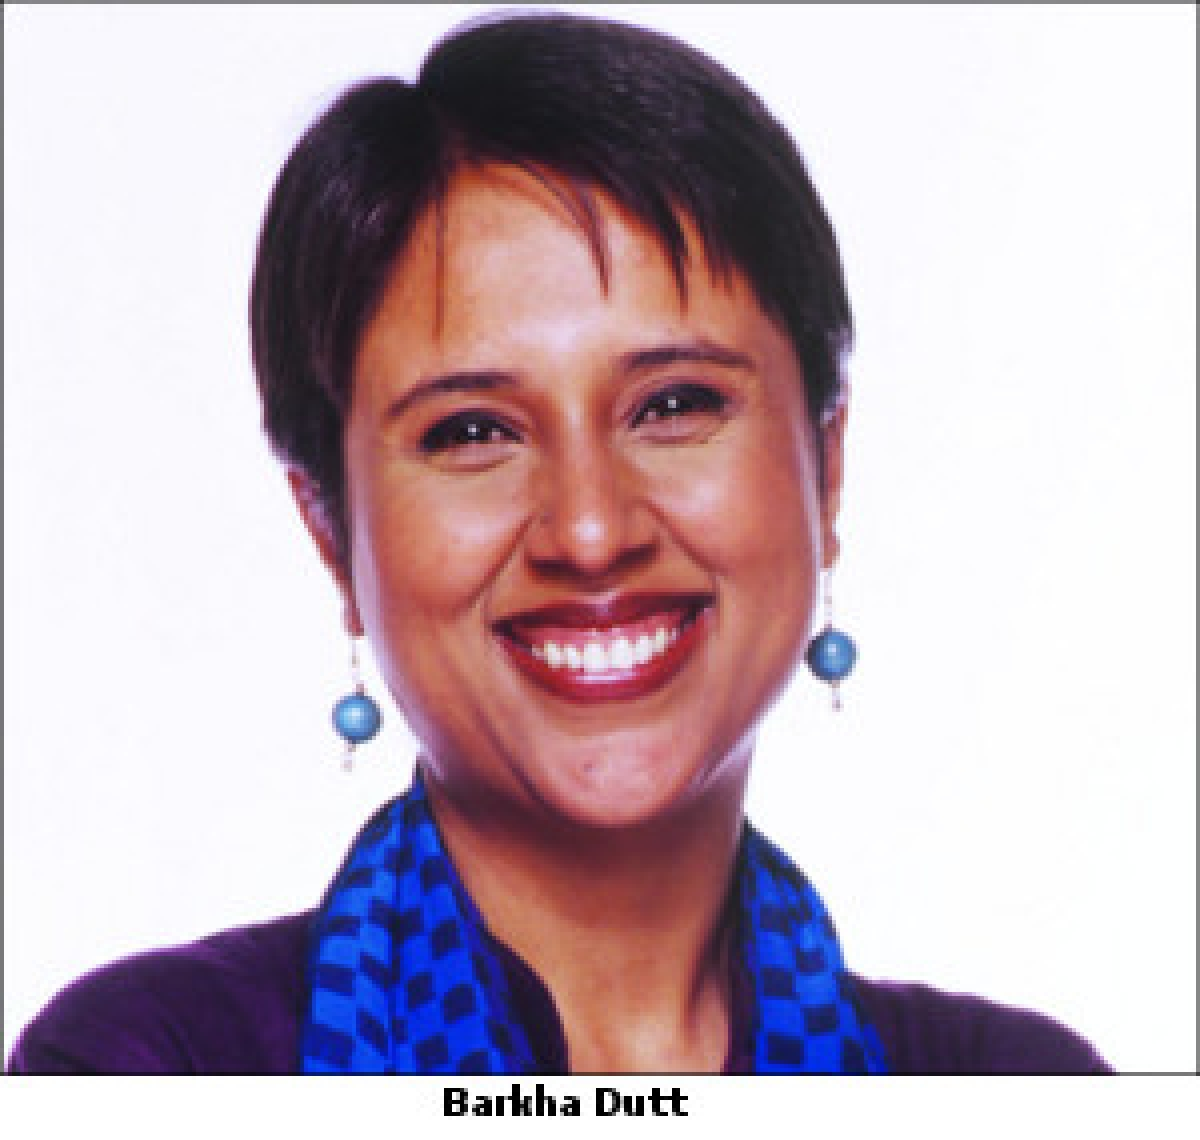 Shekhar Gupta and Barkha Dutt launch 'The Print'